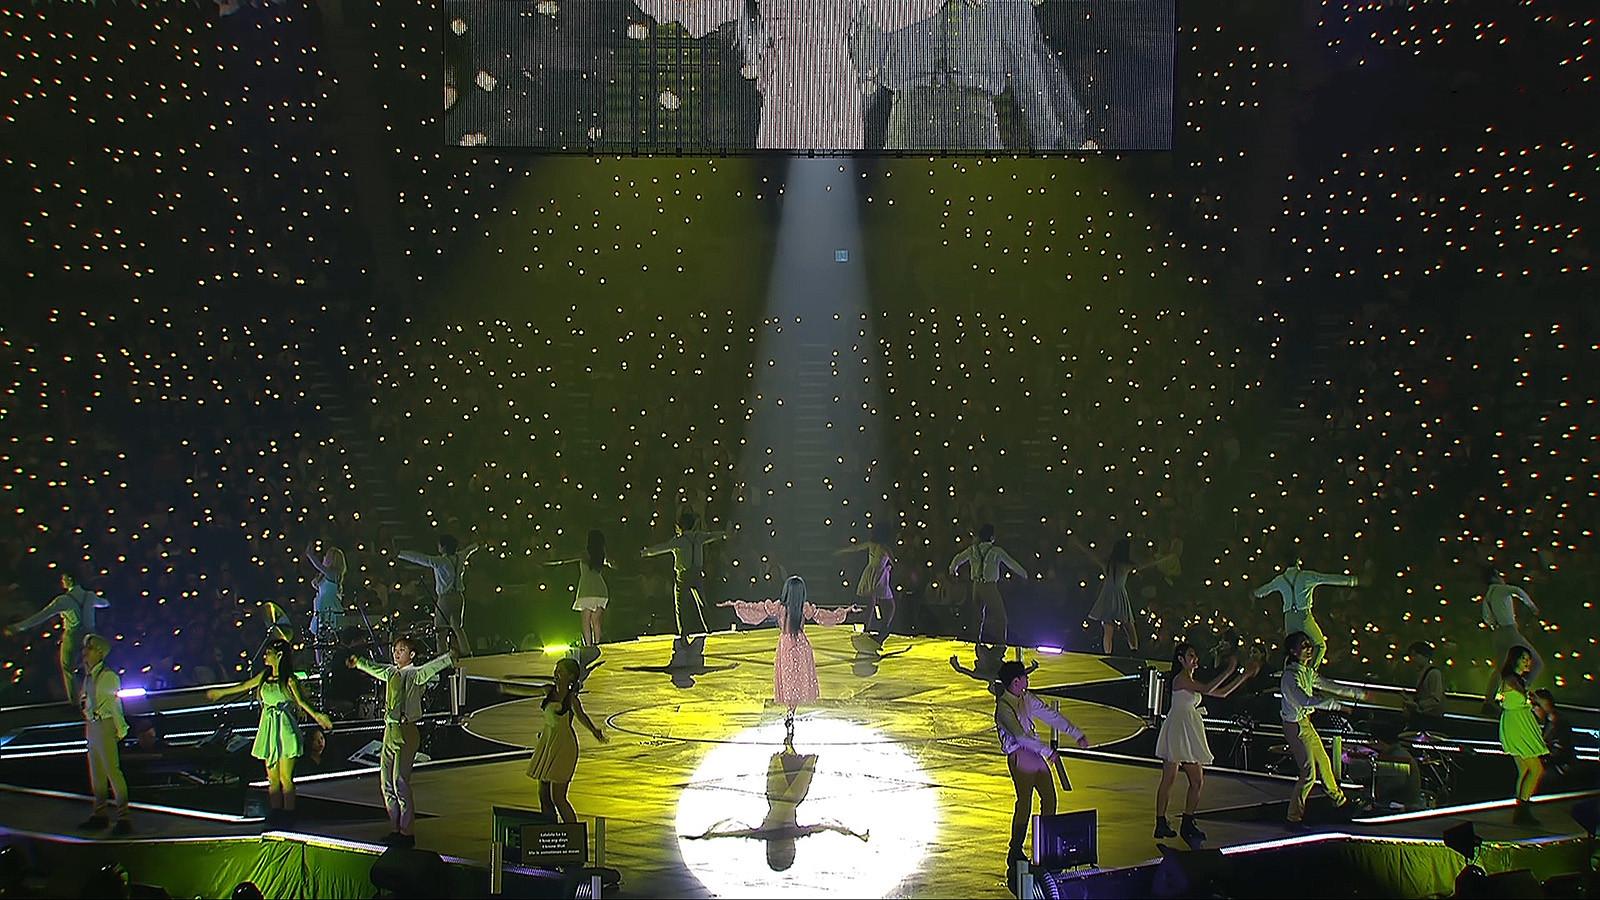 2019《李知恩情诗巡回演唱会 - IU Concert Love Poem》BD1080P 高清下载